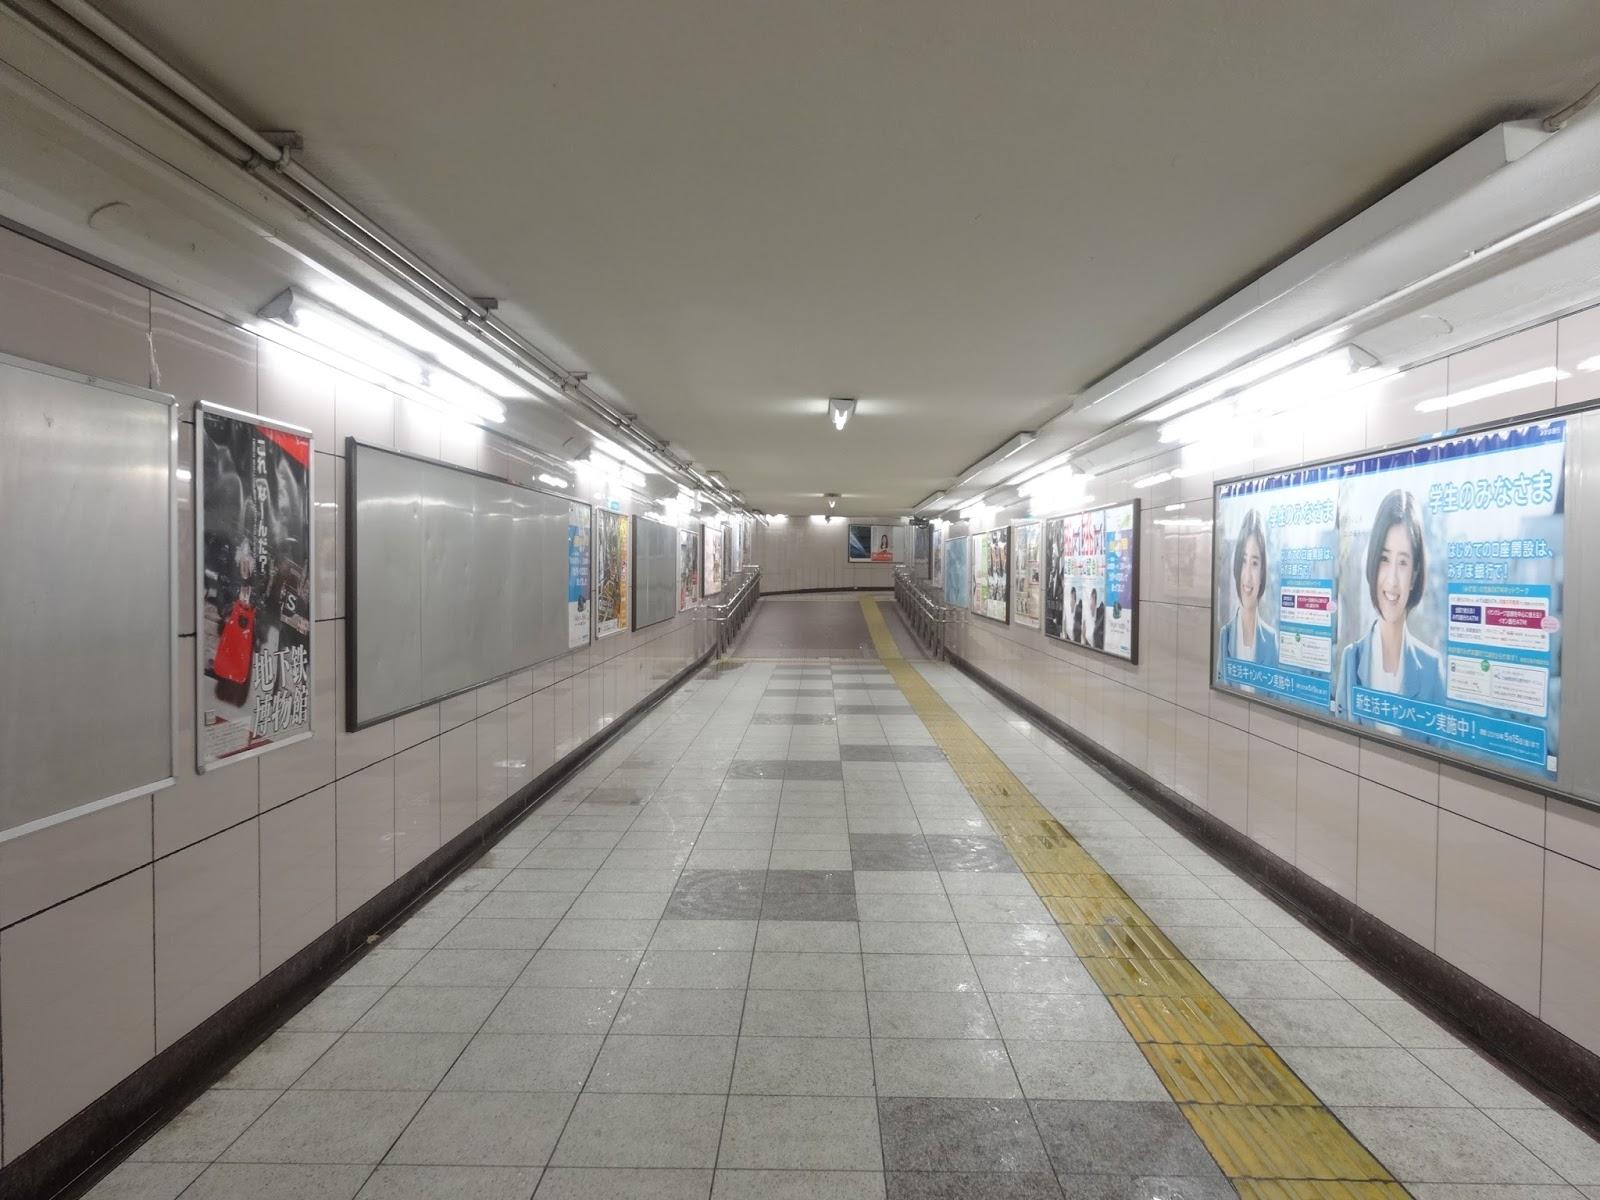 地下道,地下鉄池袋駅〈著作権フリー画像〉Free Stock Photos